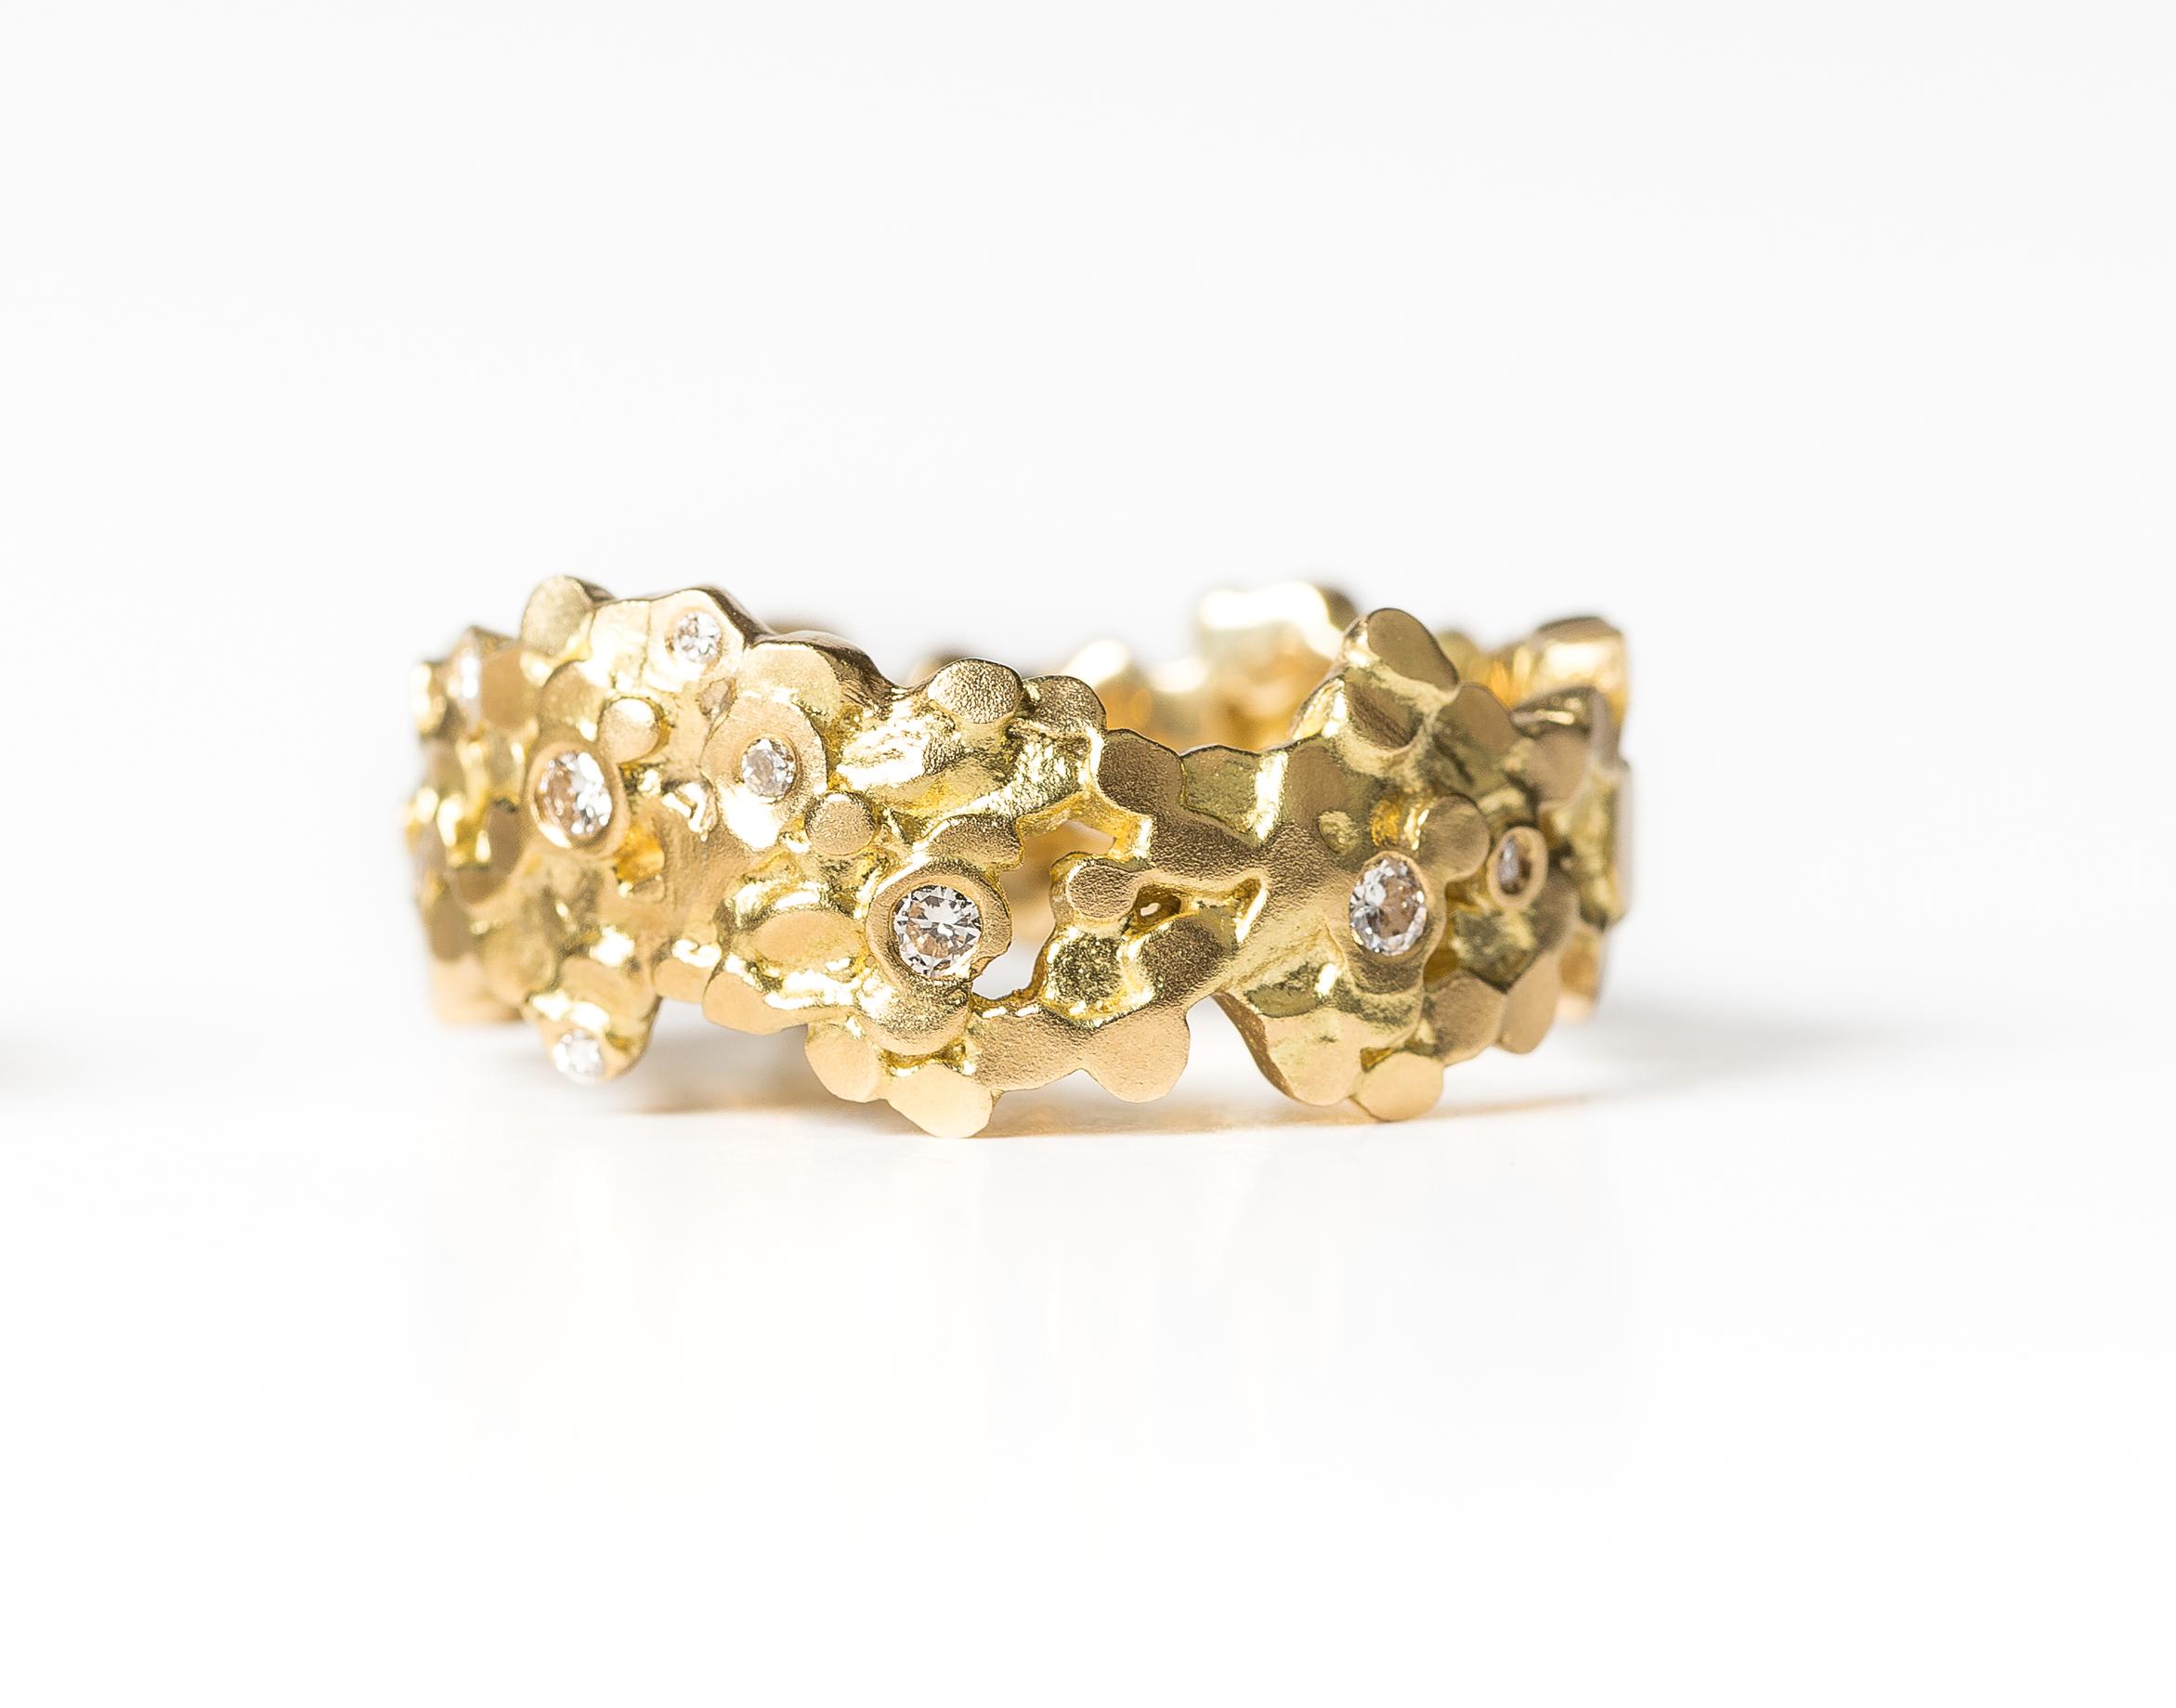 mirri damer  wide crown ring.jpg